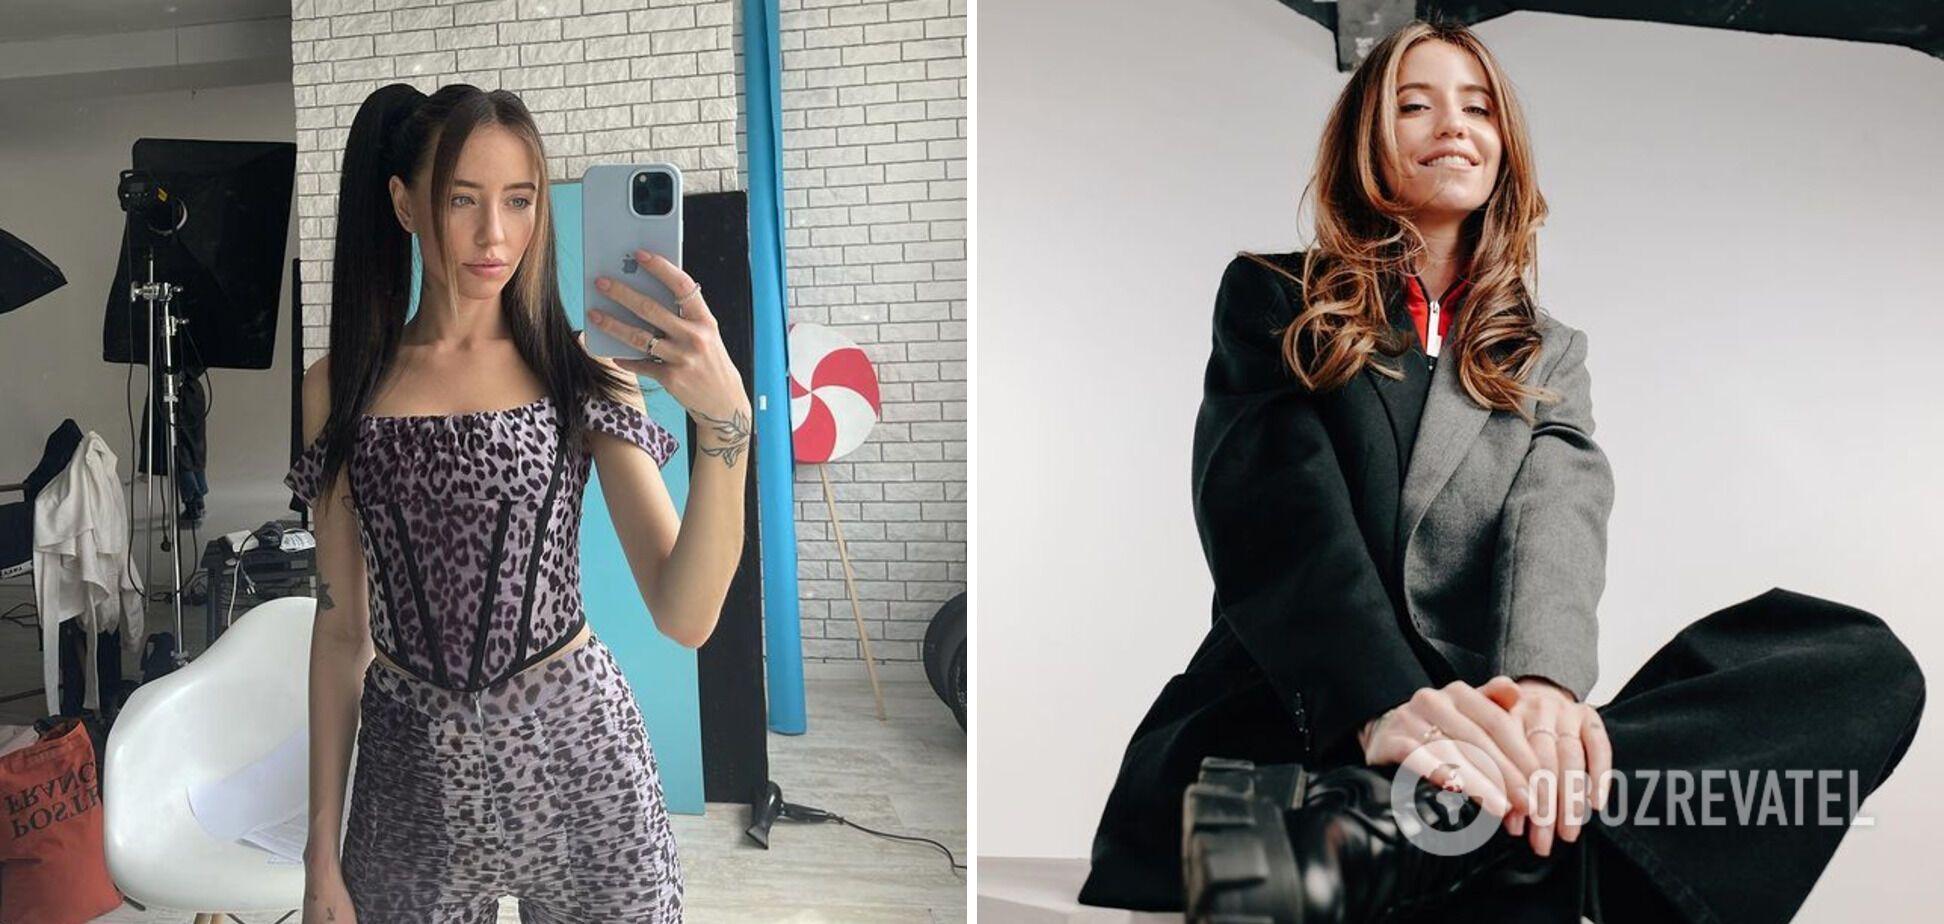 Надя Дорофеева с хвостиками и укладкой